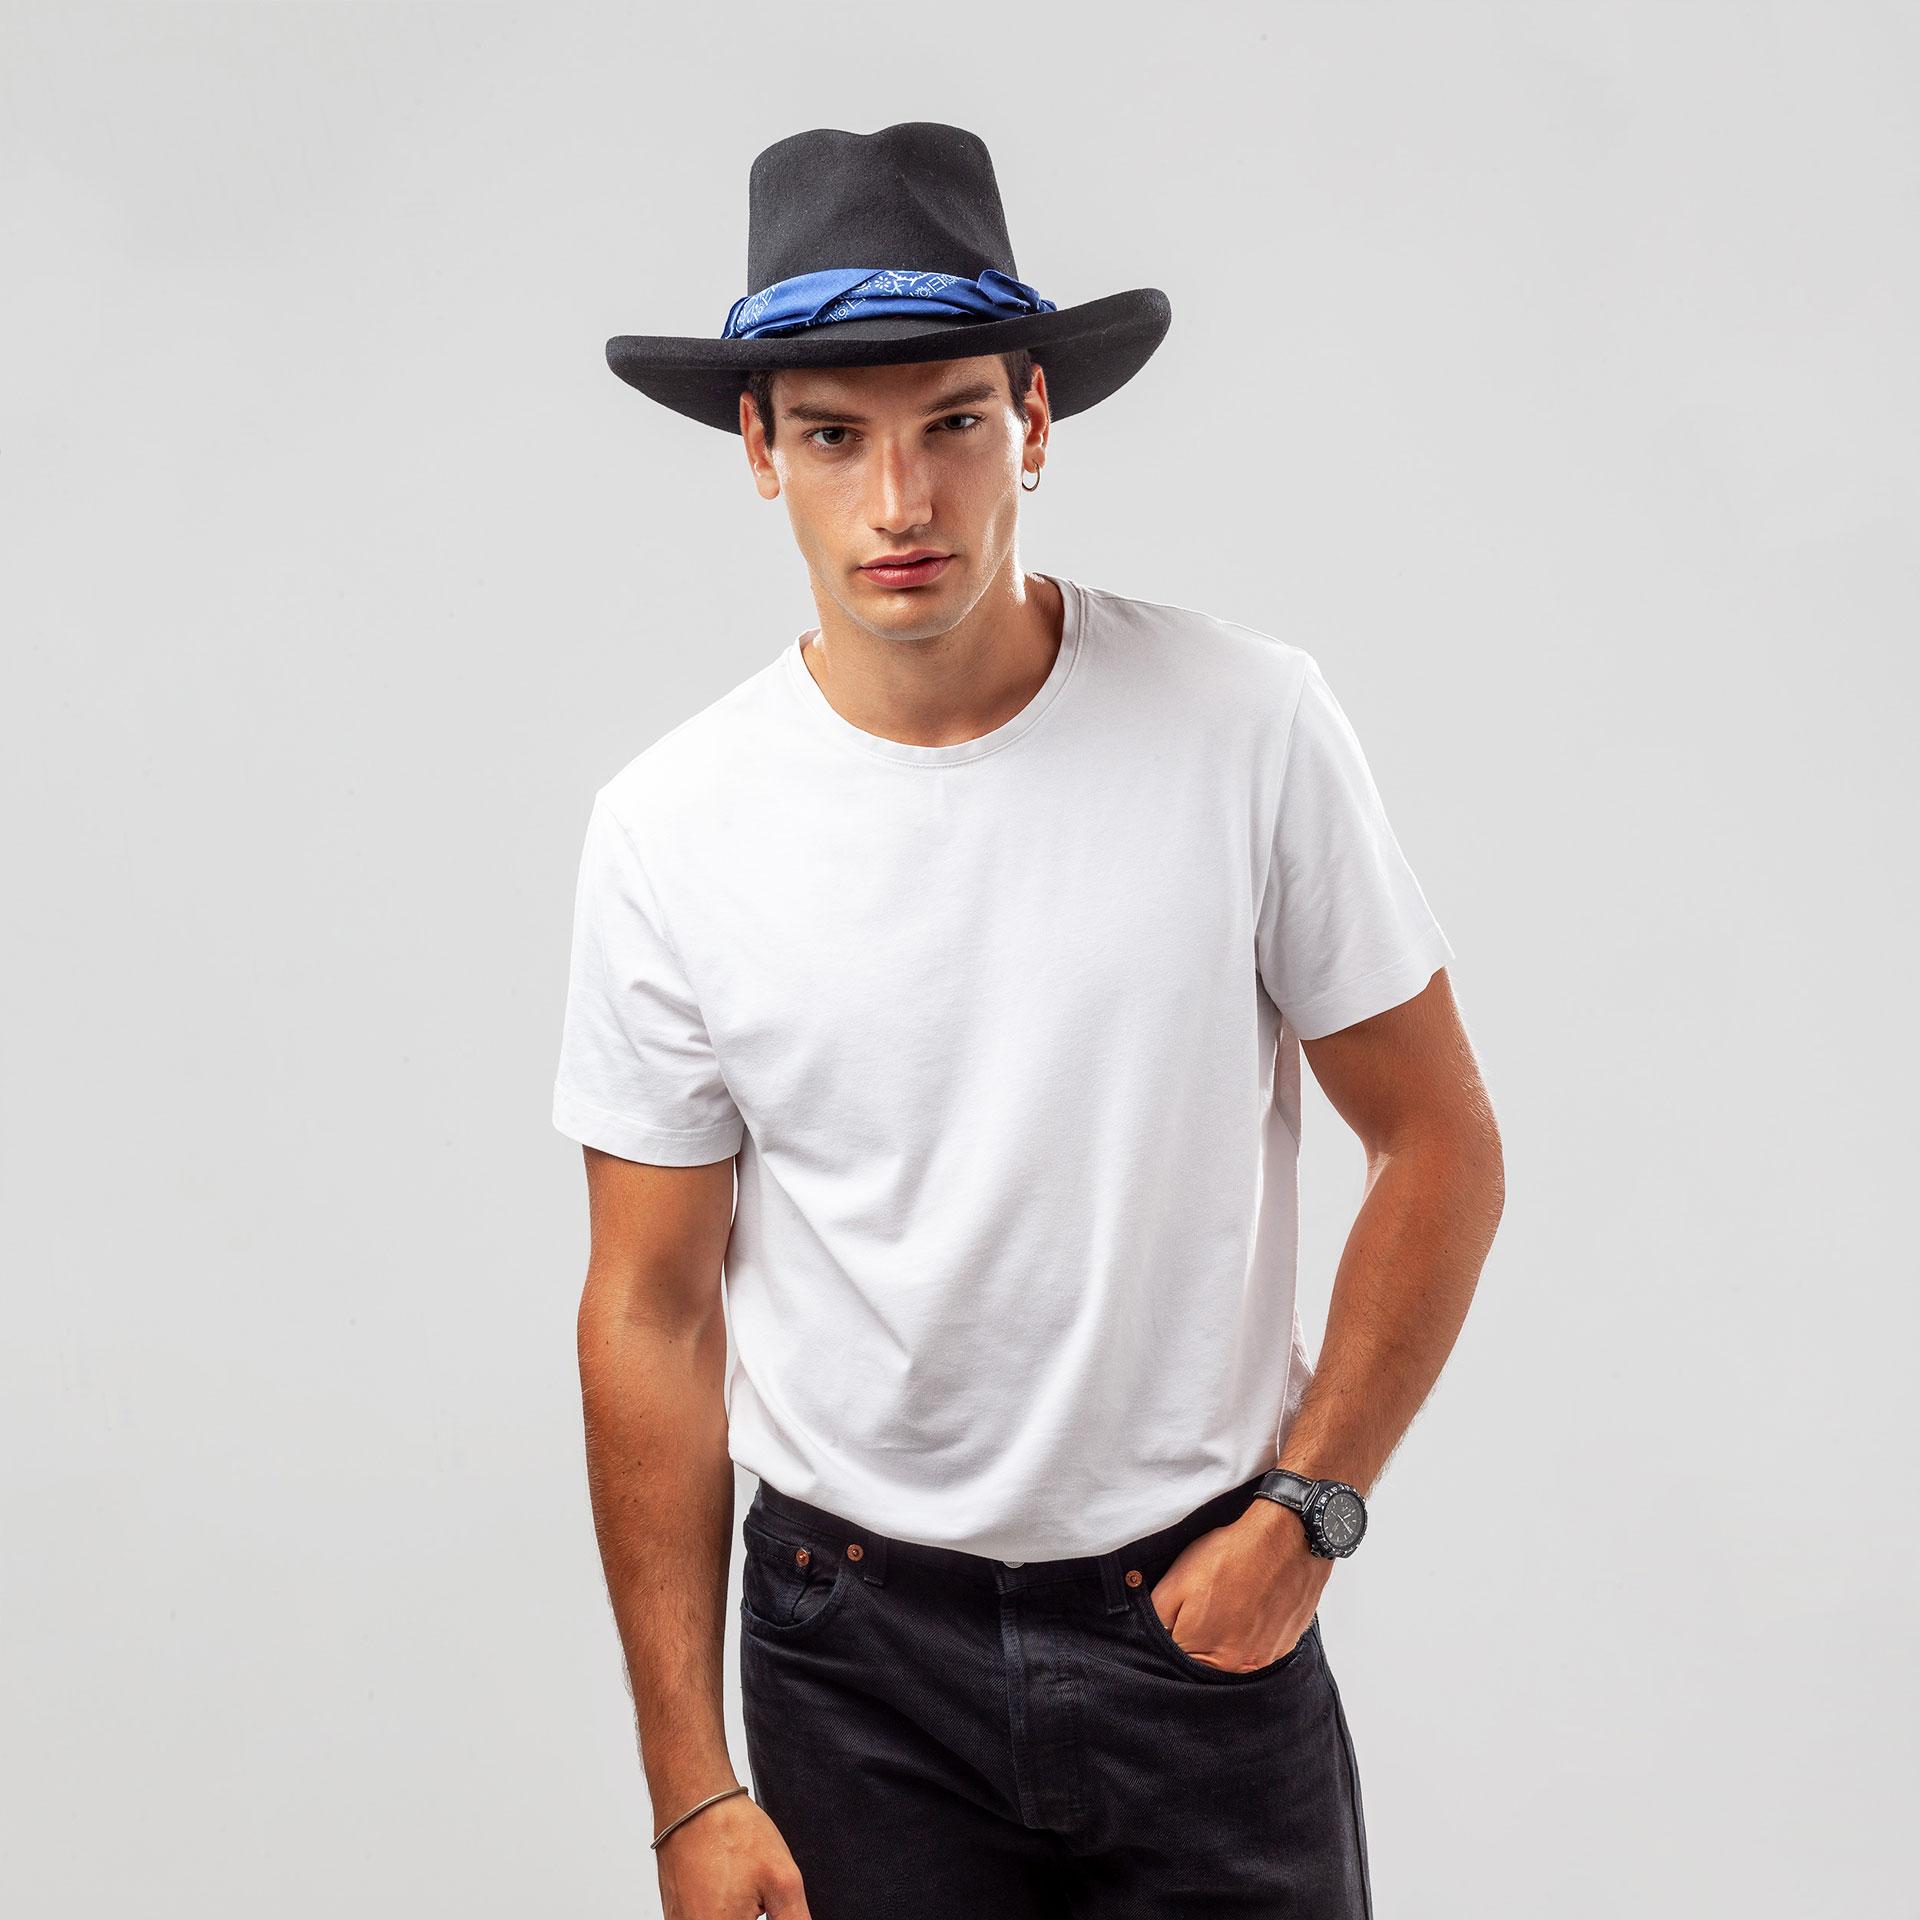 cappelli_moda_uomo_ferruccio_vecchi